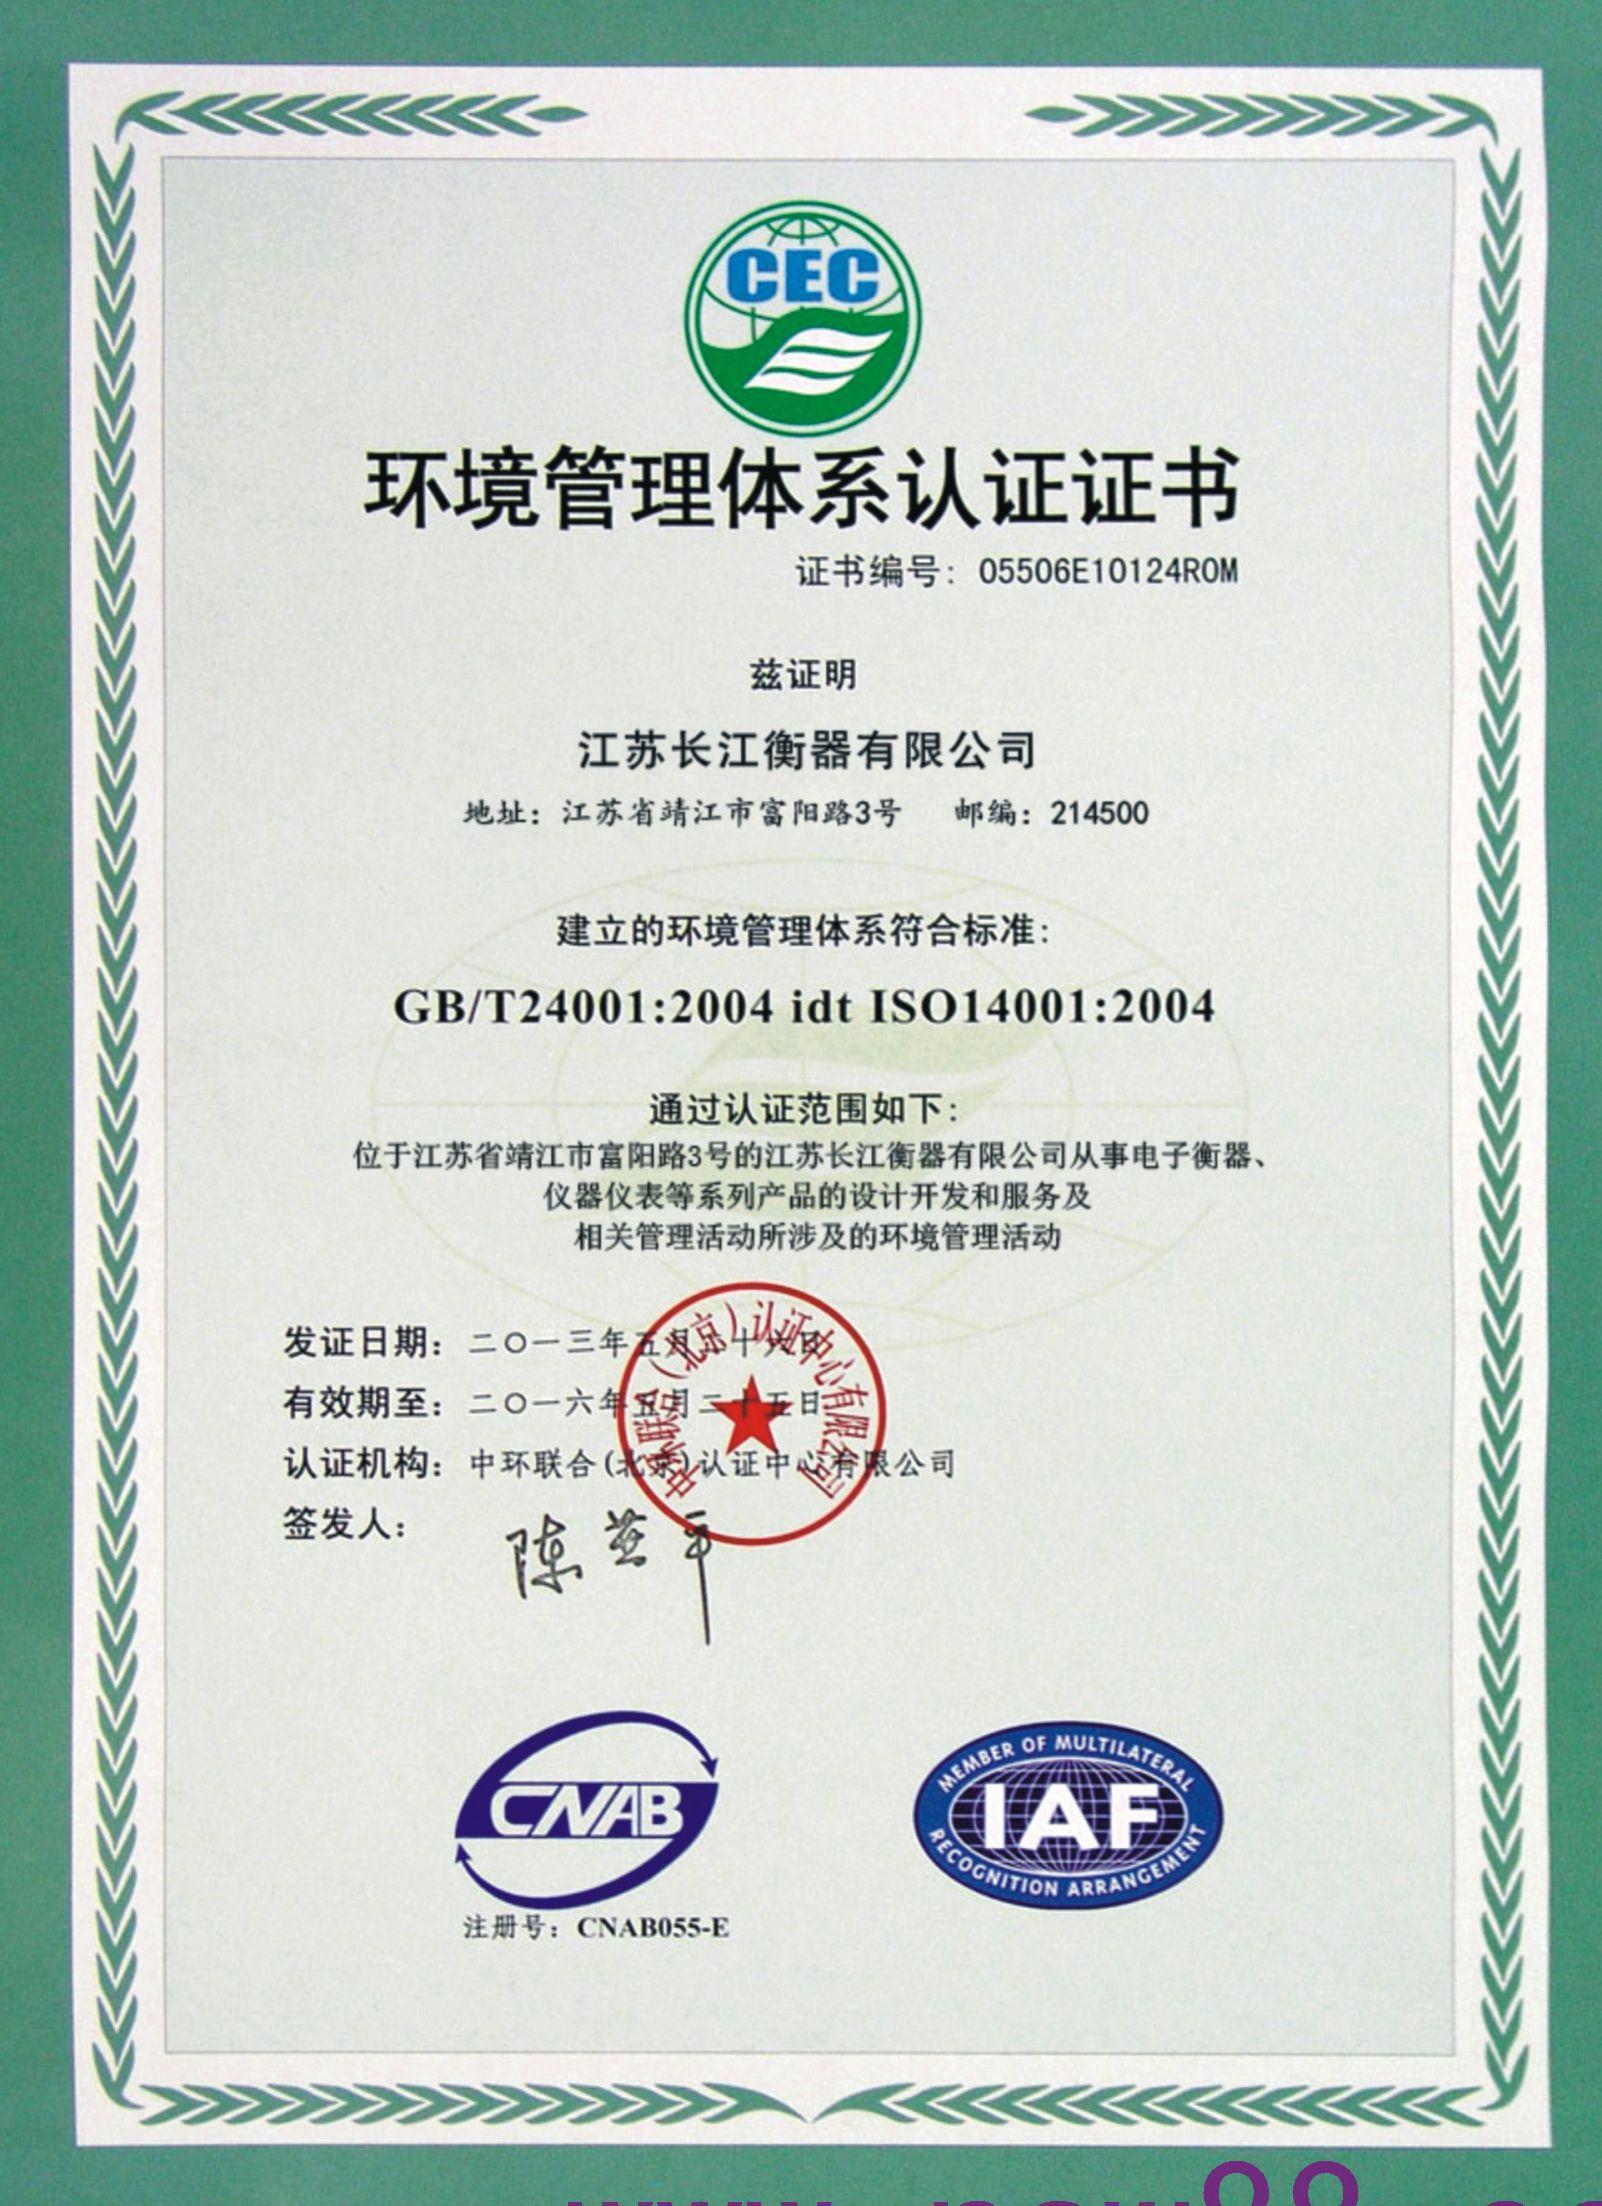 江苏长江衡器-环境管理体系认证证书